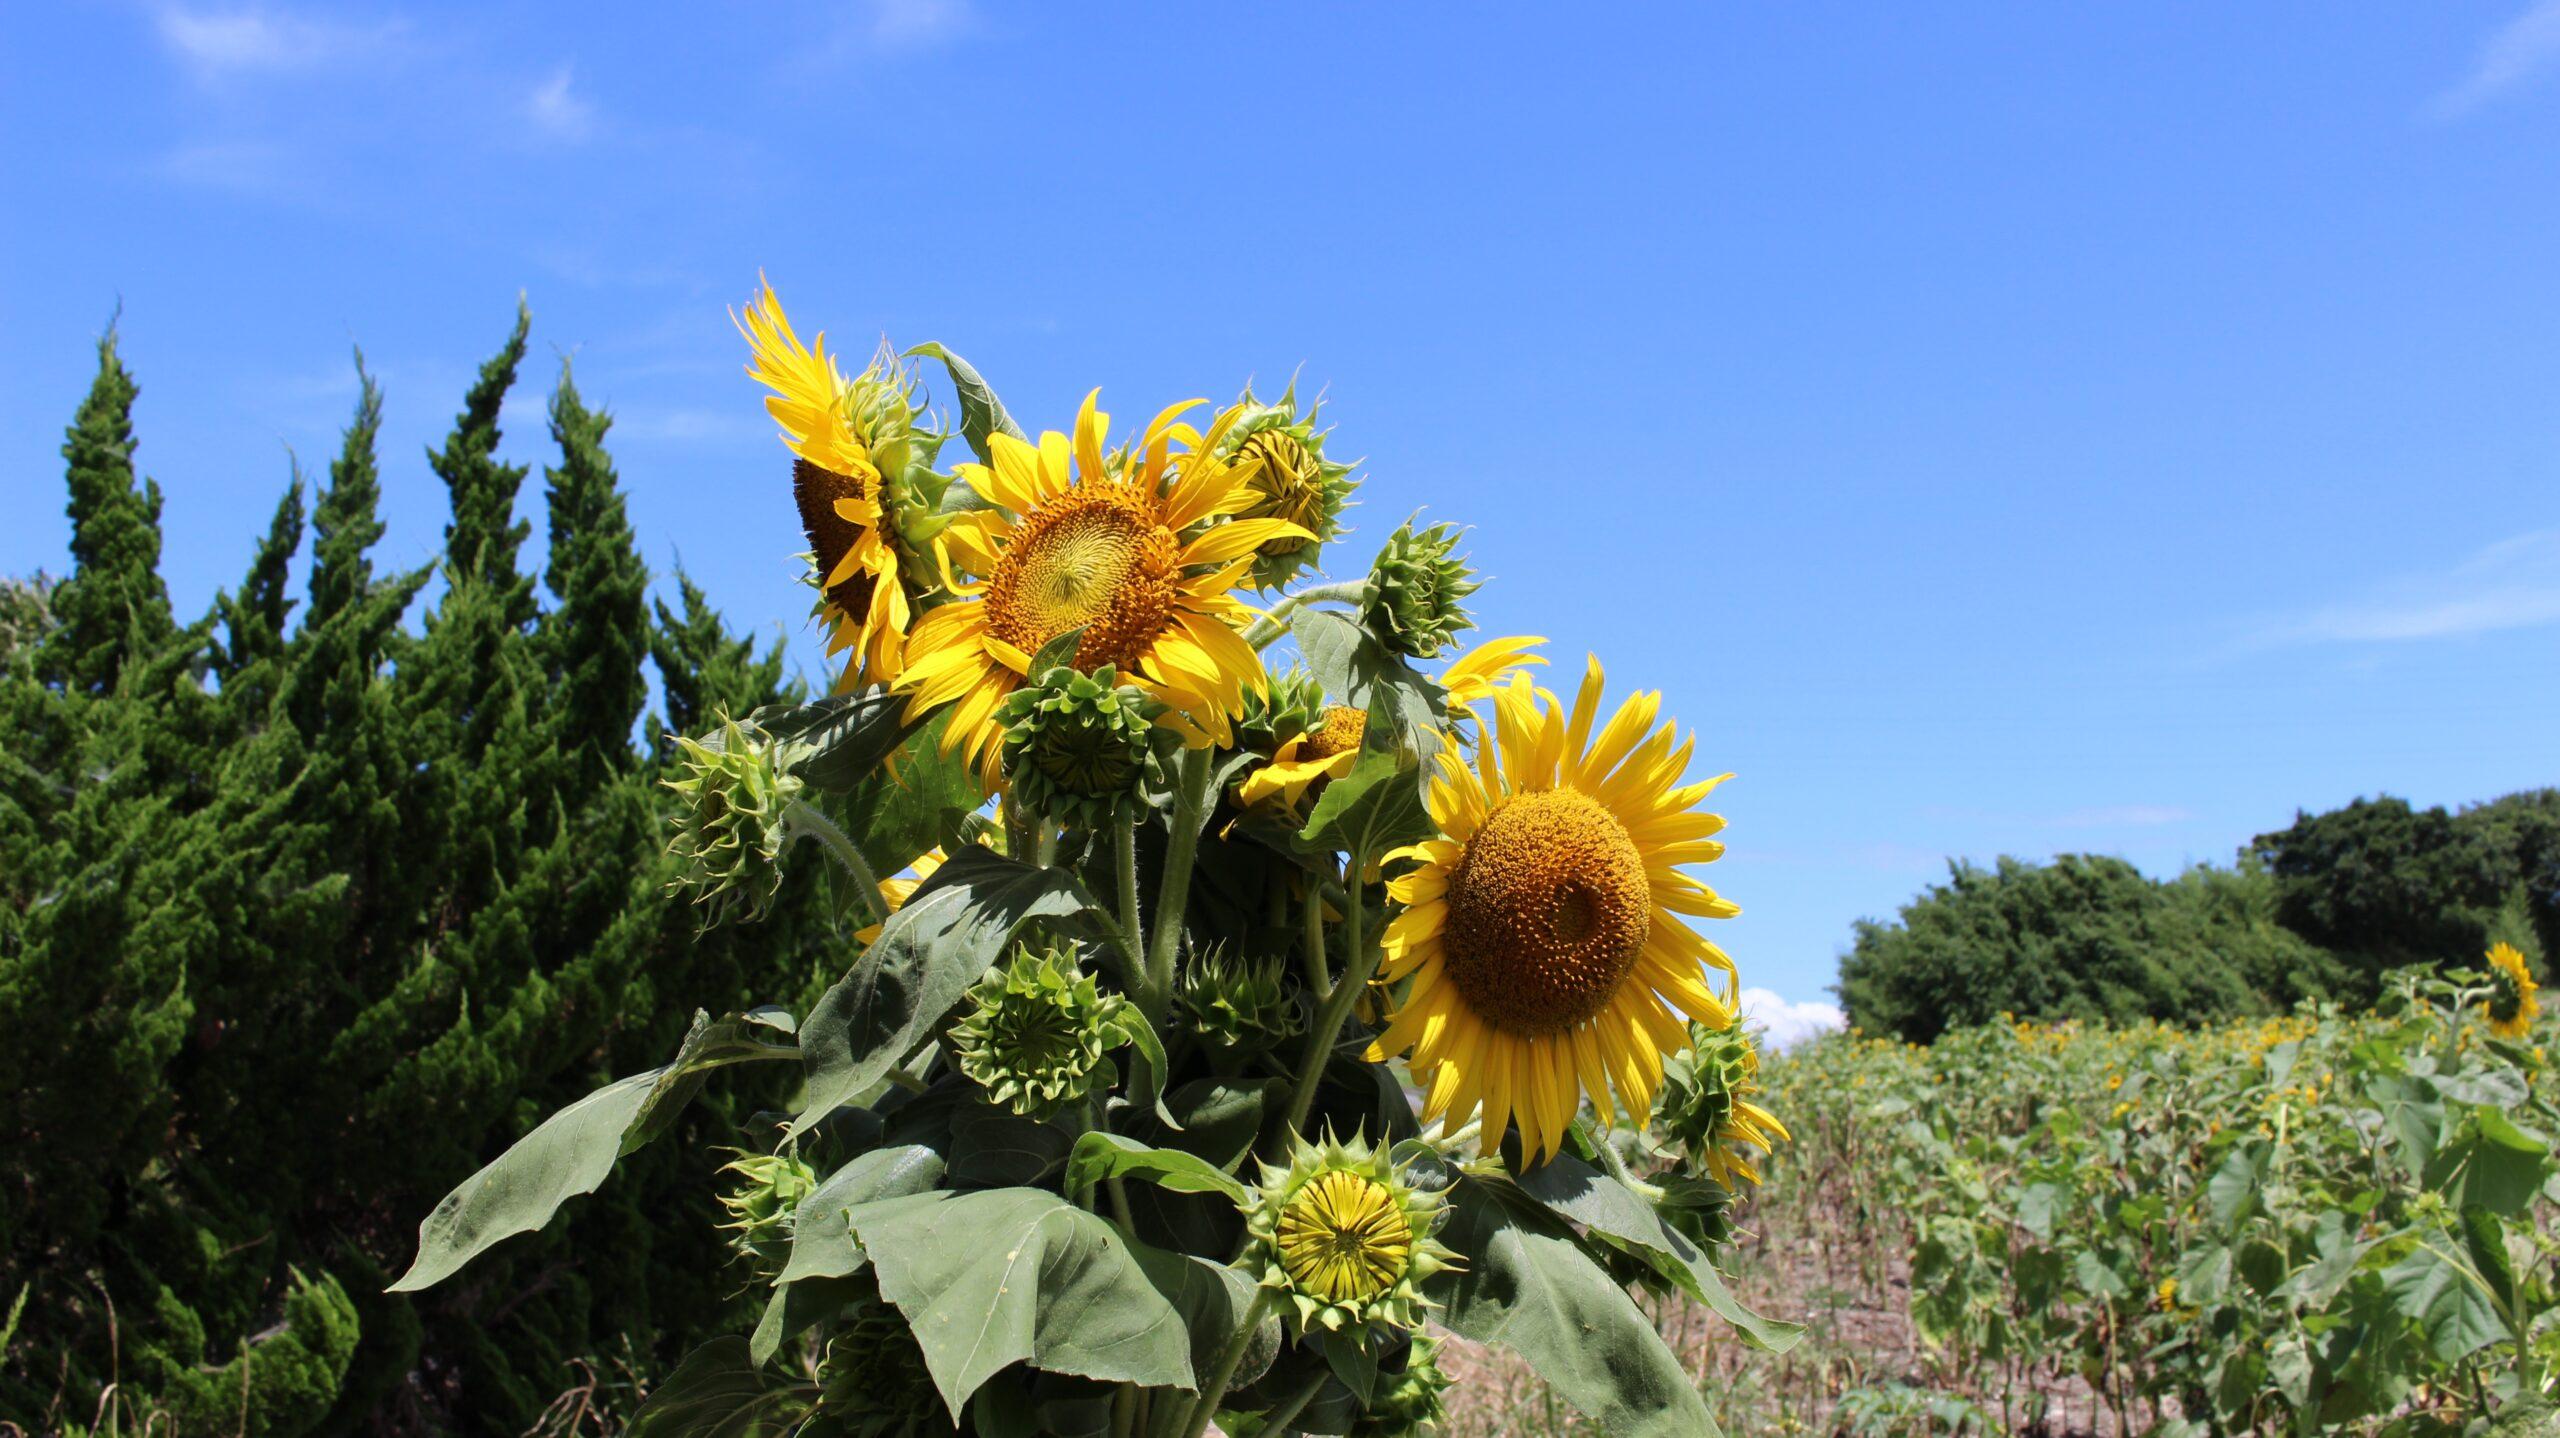 観光農園花ひろばで花摘み体験をした写真